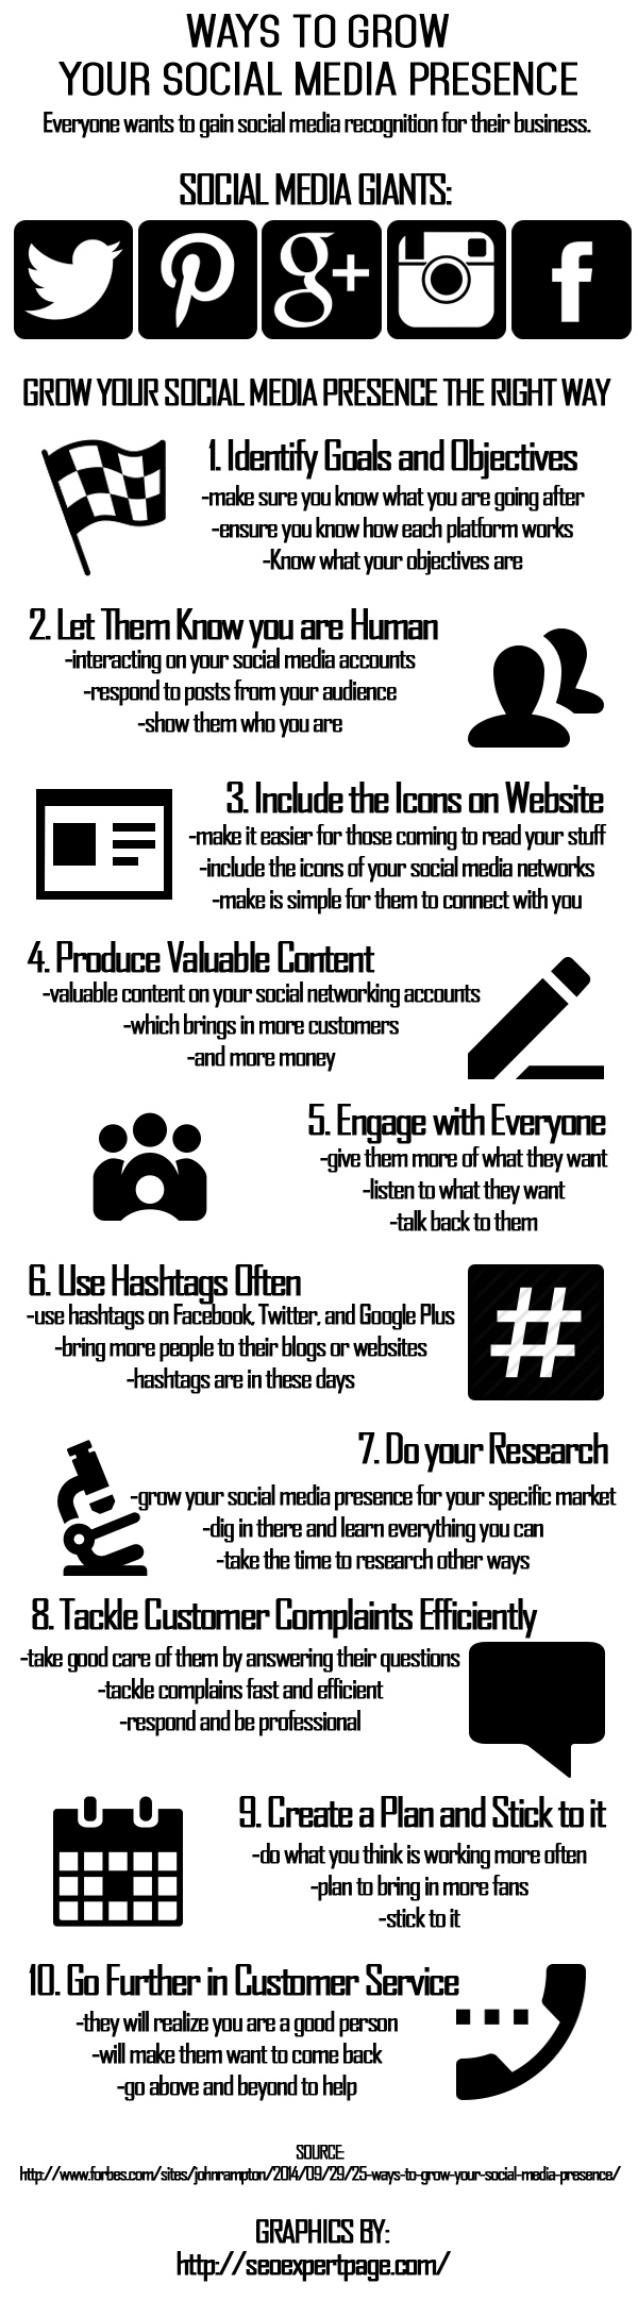 10 formas de crecer tu presencia en Redes Sociales